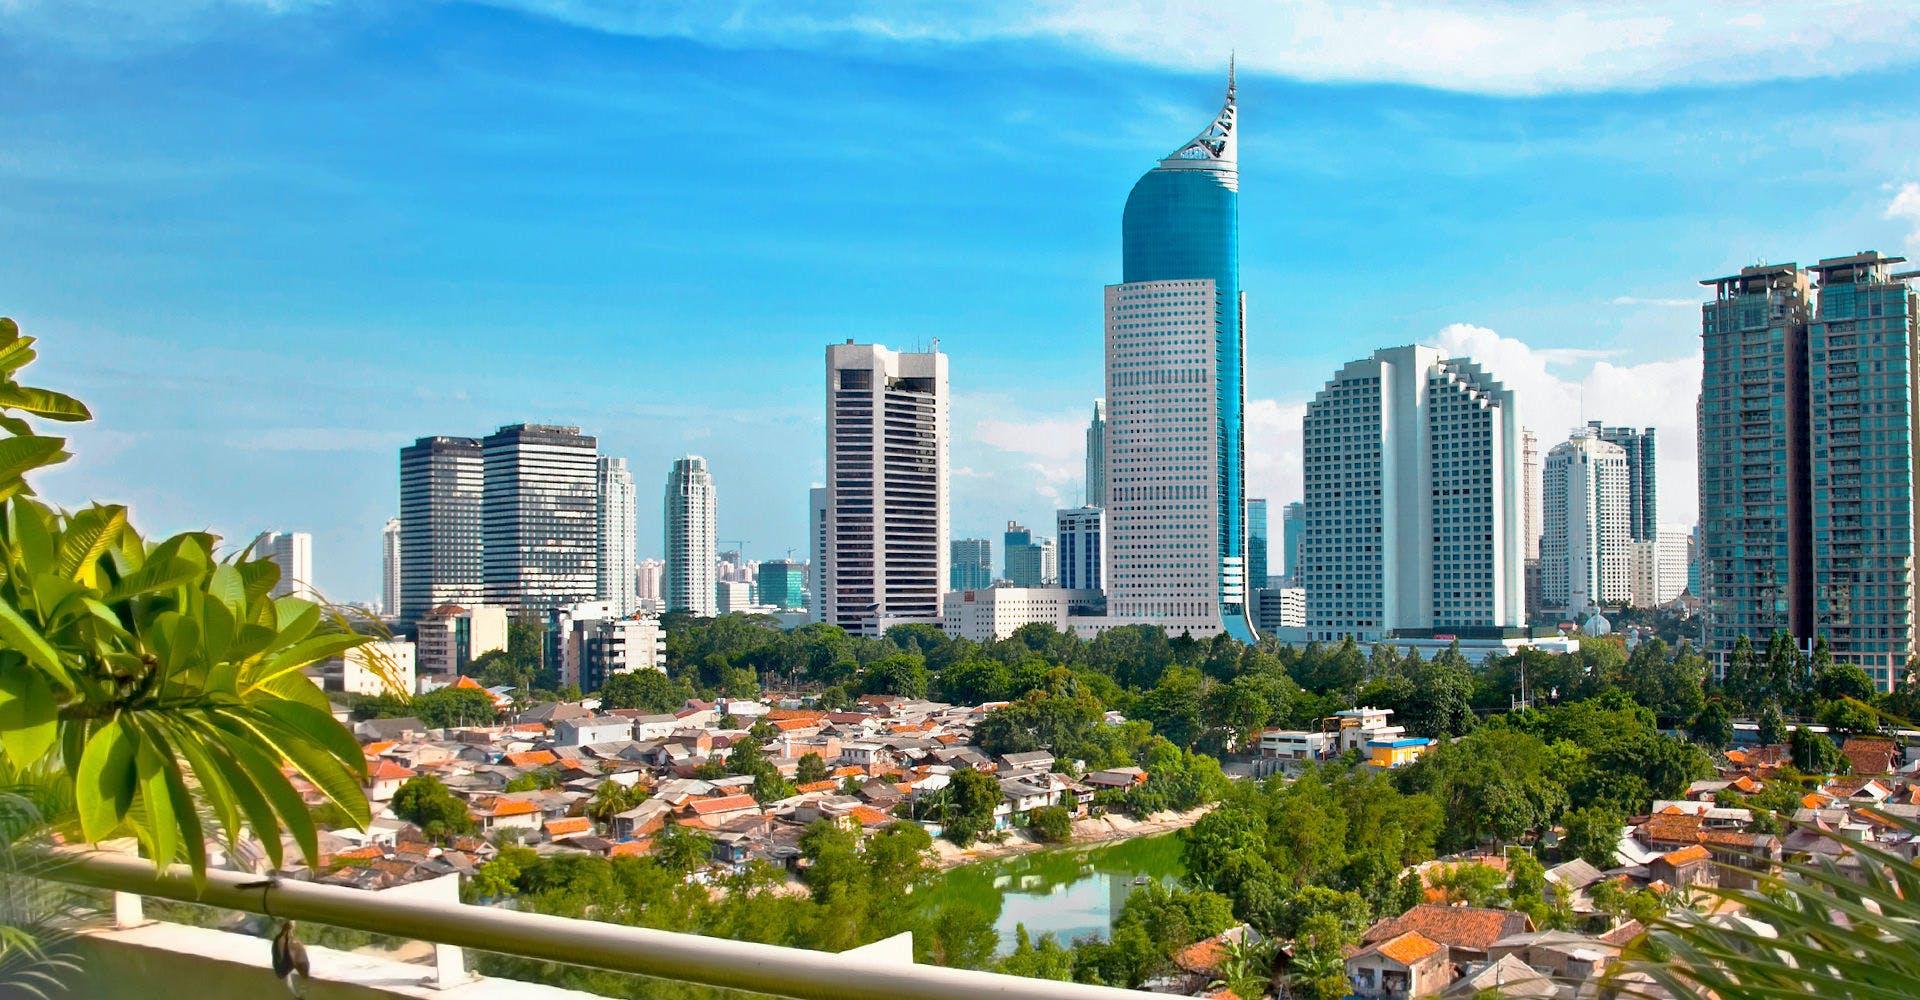 インドネシアのホテル 海外ホテル予約・海外旅行は一休.com